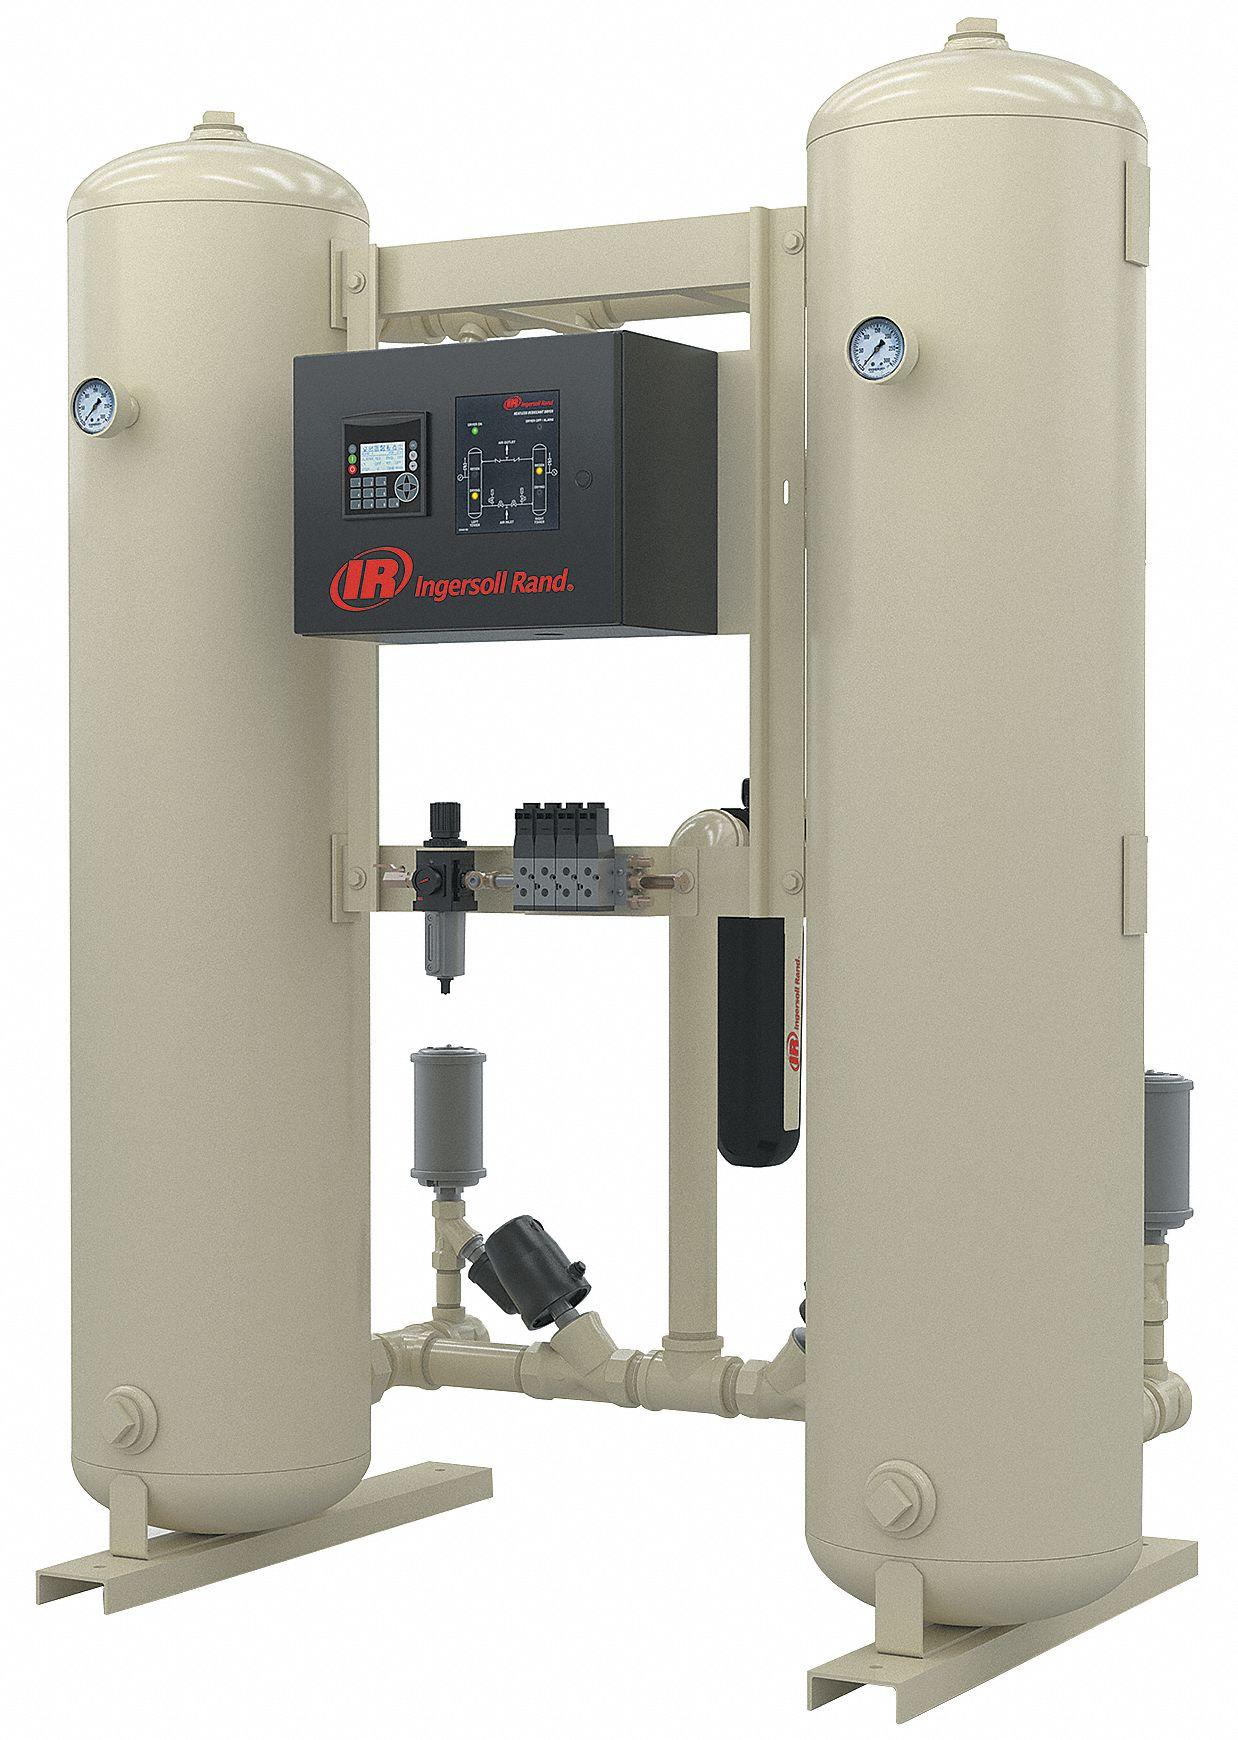 INGERSOLL RAND 300 CFM Desiccant Compressed Air Dryer - 2HUC8|HLA3001H00AA  - Grainger